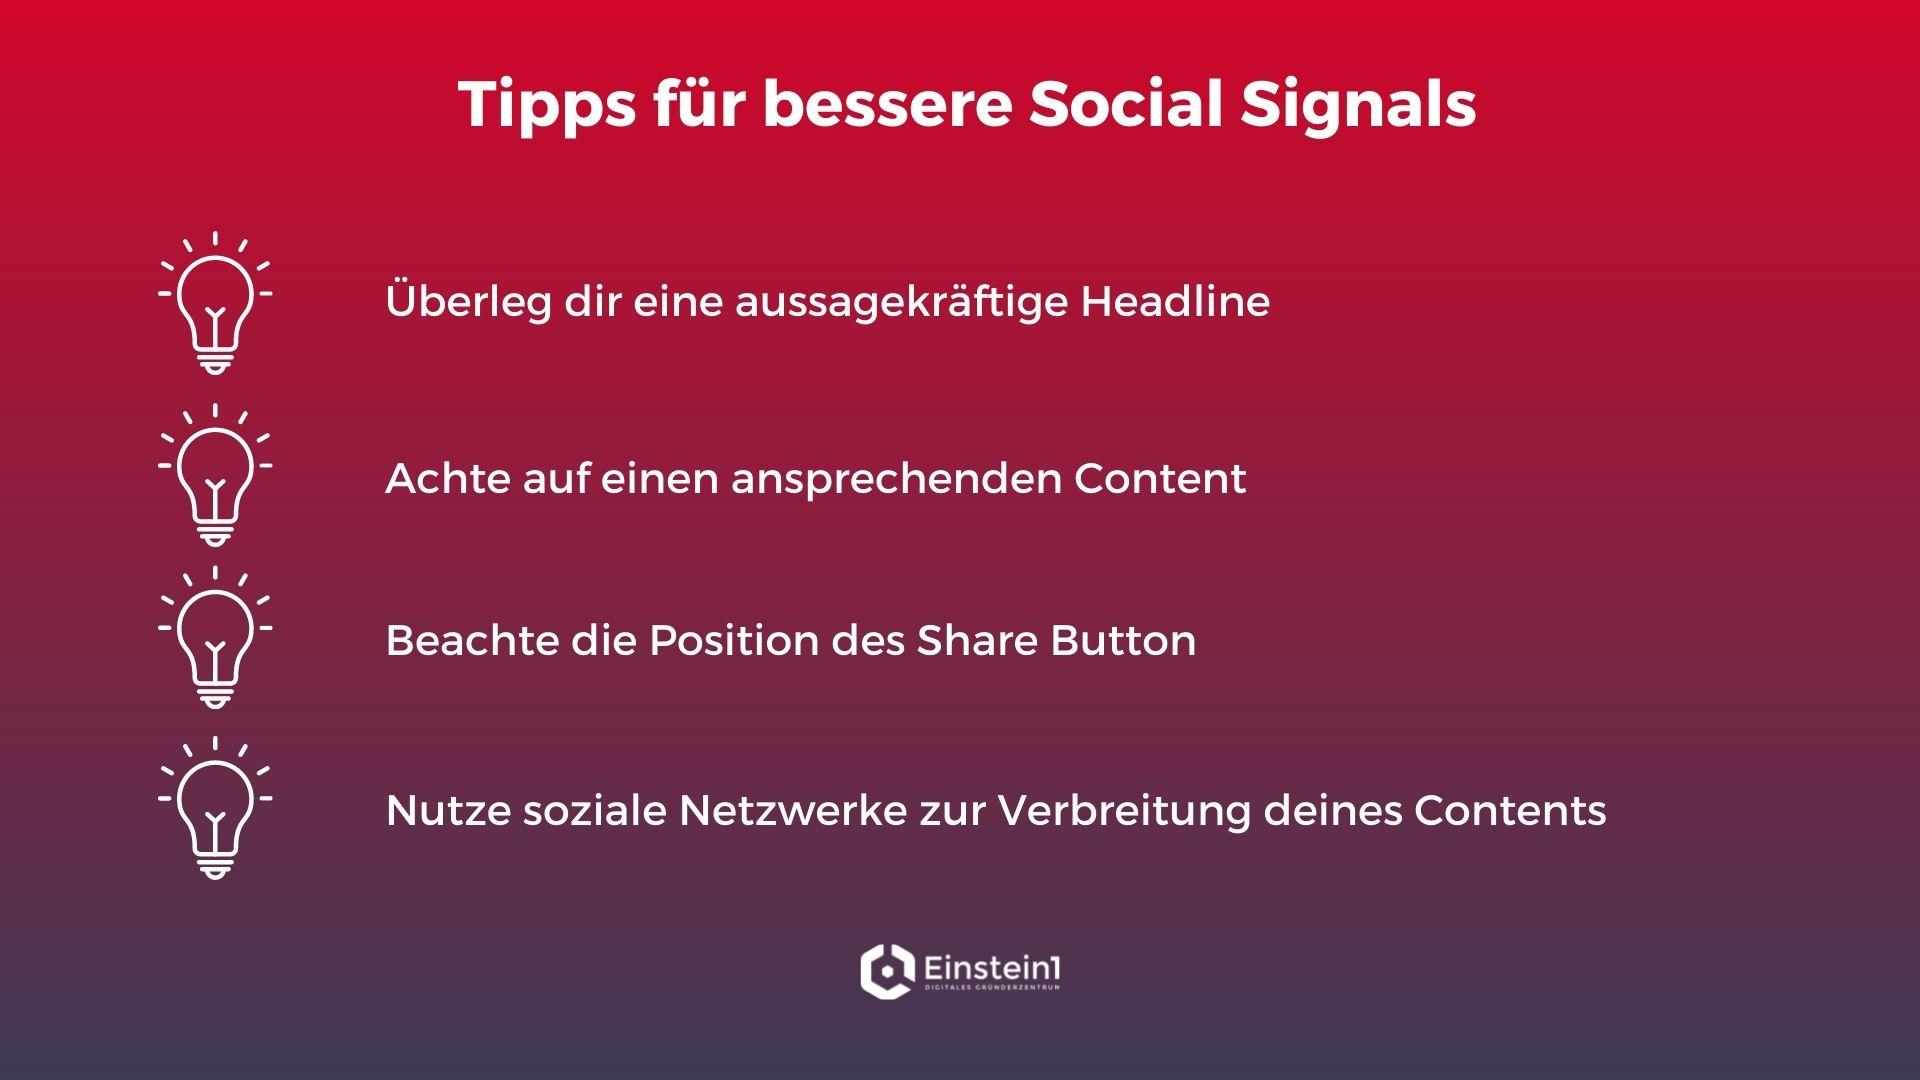 social-signals-feedback-für-champions-content-tipps-einstein1